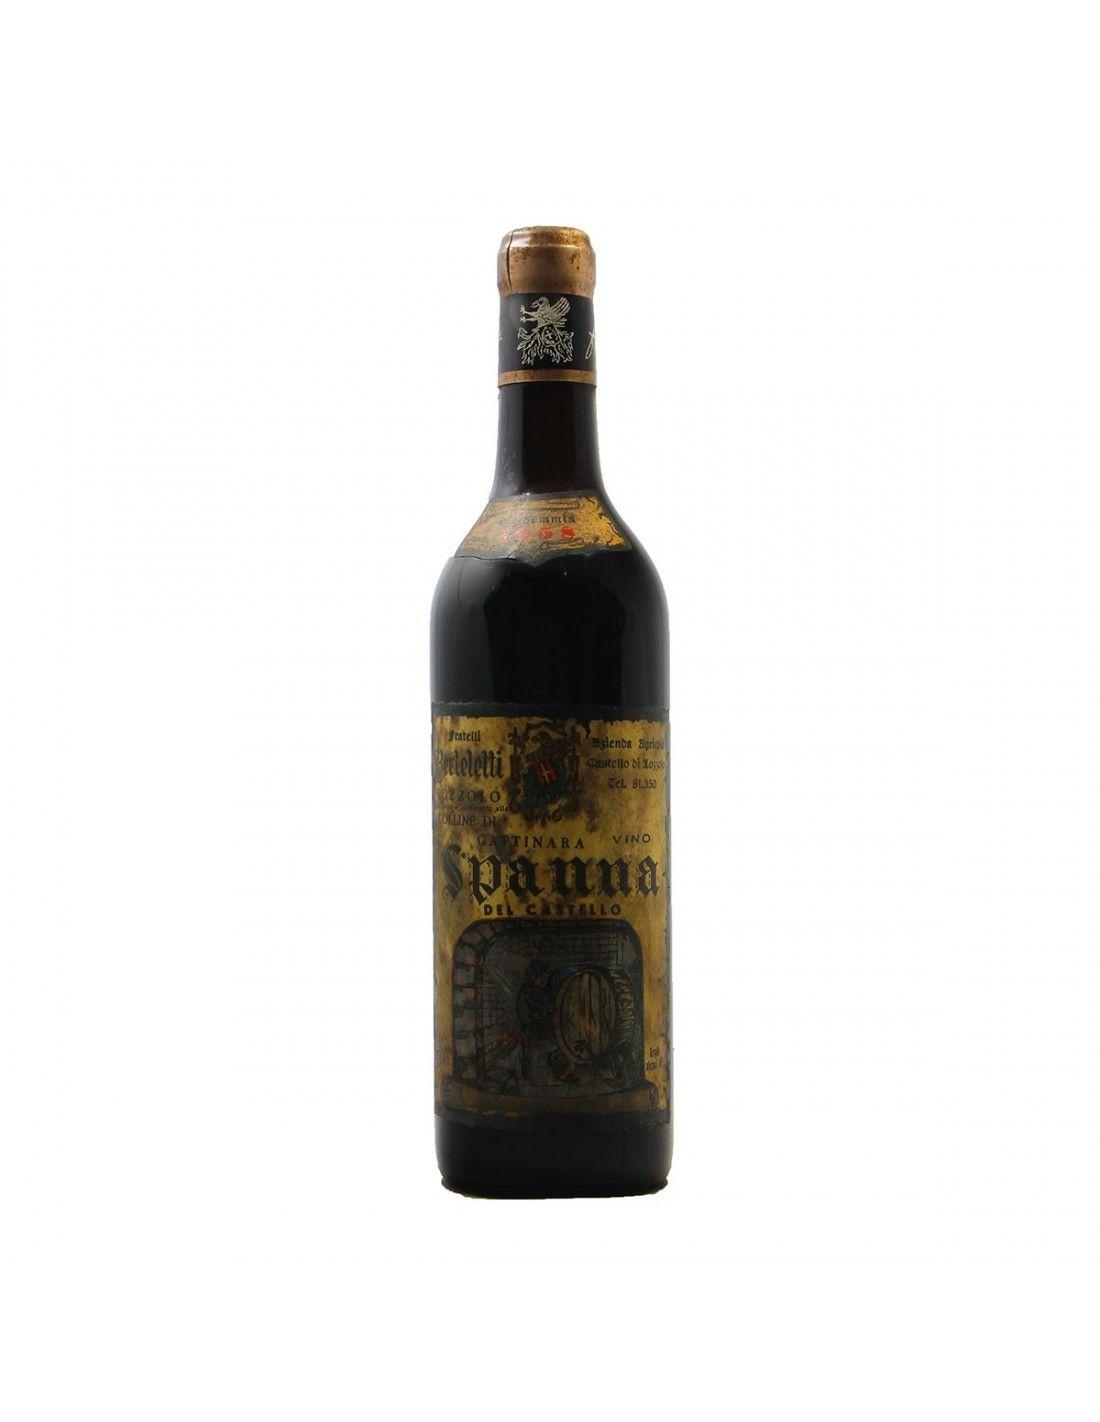 SPANNA CASTELLO DI LOZZOLO 1958 FRATELLI BERTELETTI Grandi Bottiglie